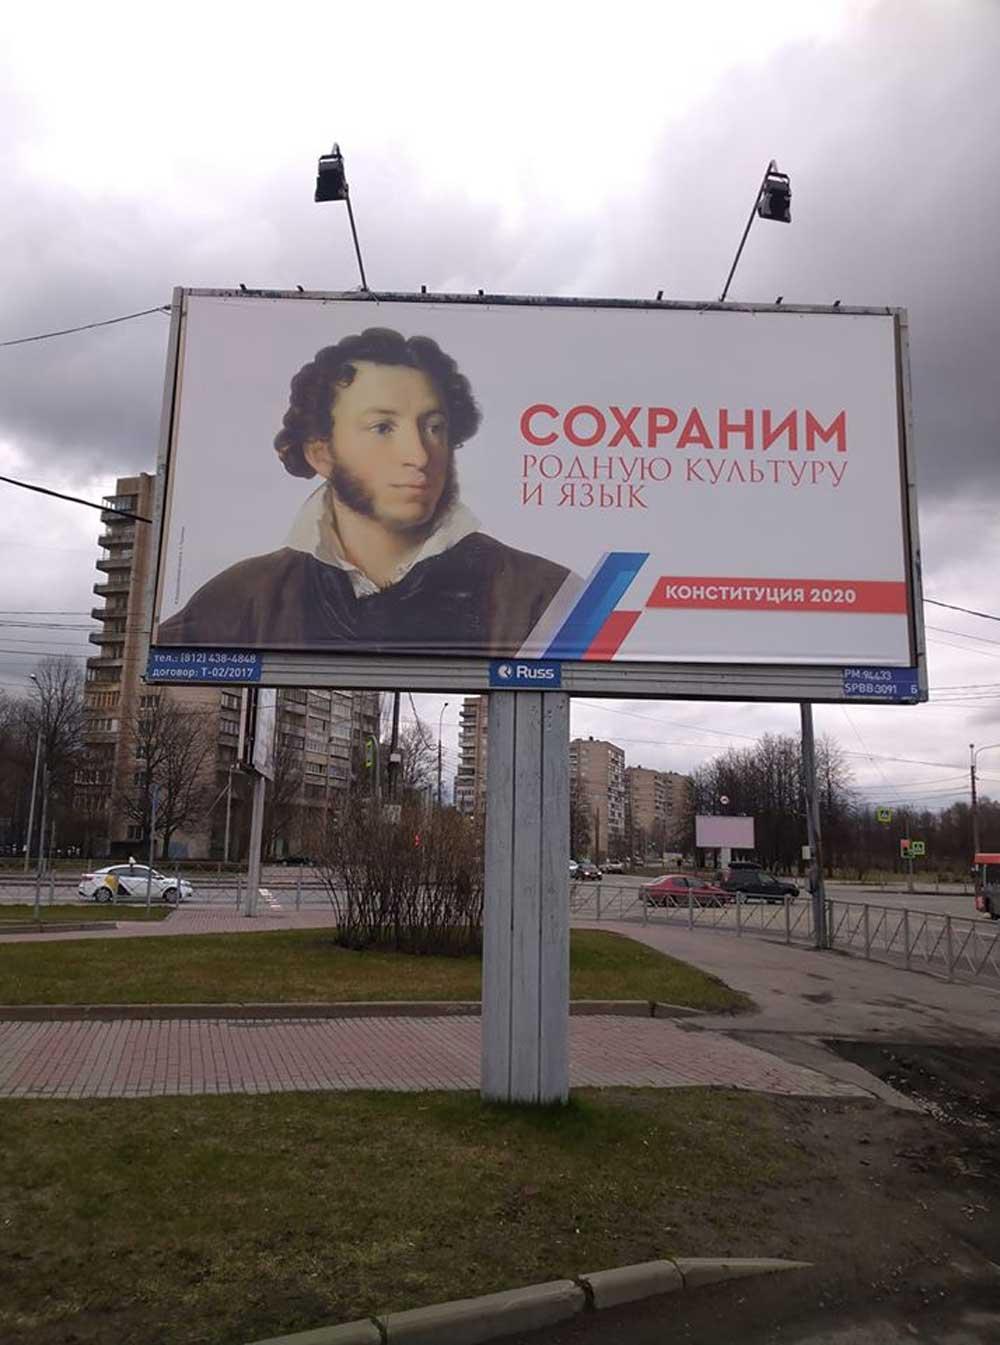 Владимир Познер назвал Александра Пушкина не русским: слишком светлый для этого